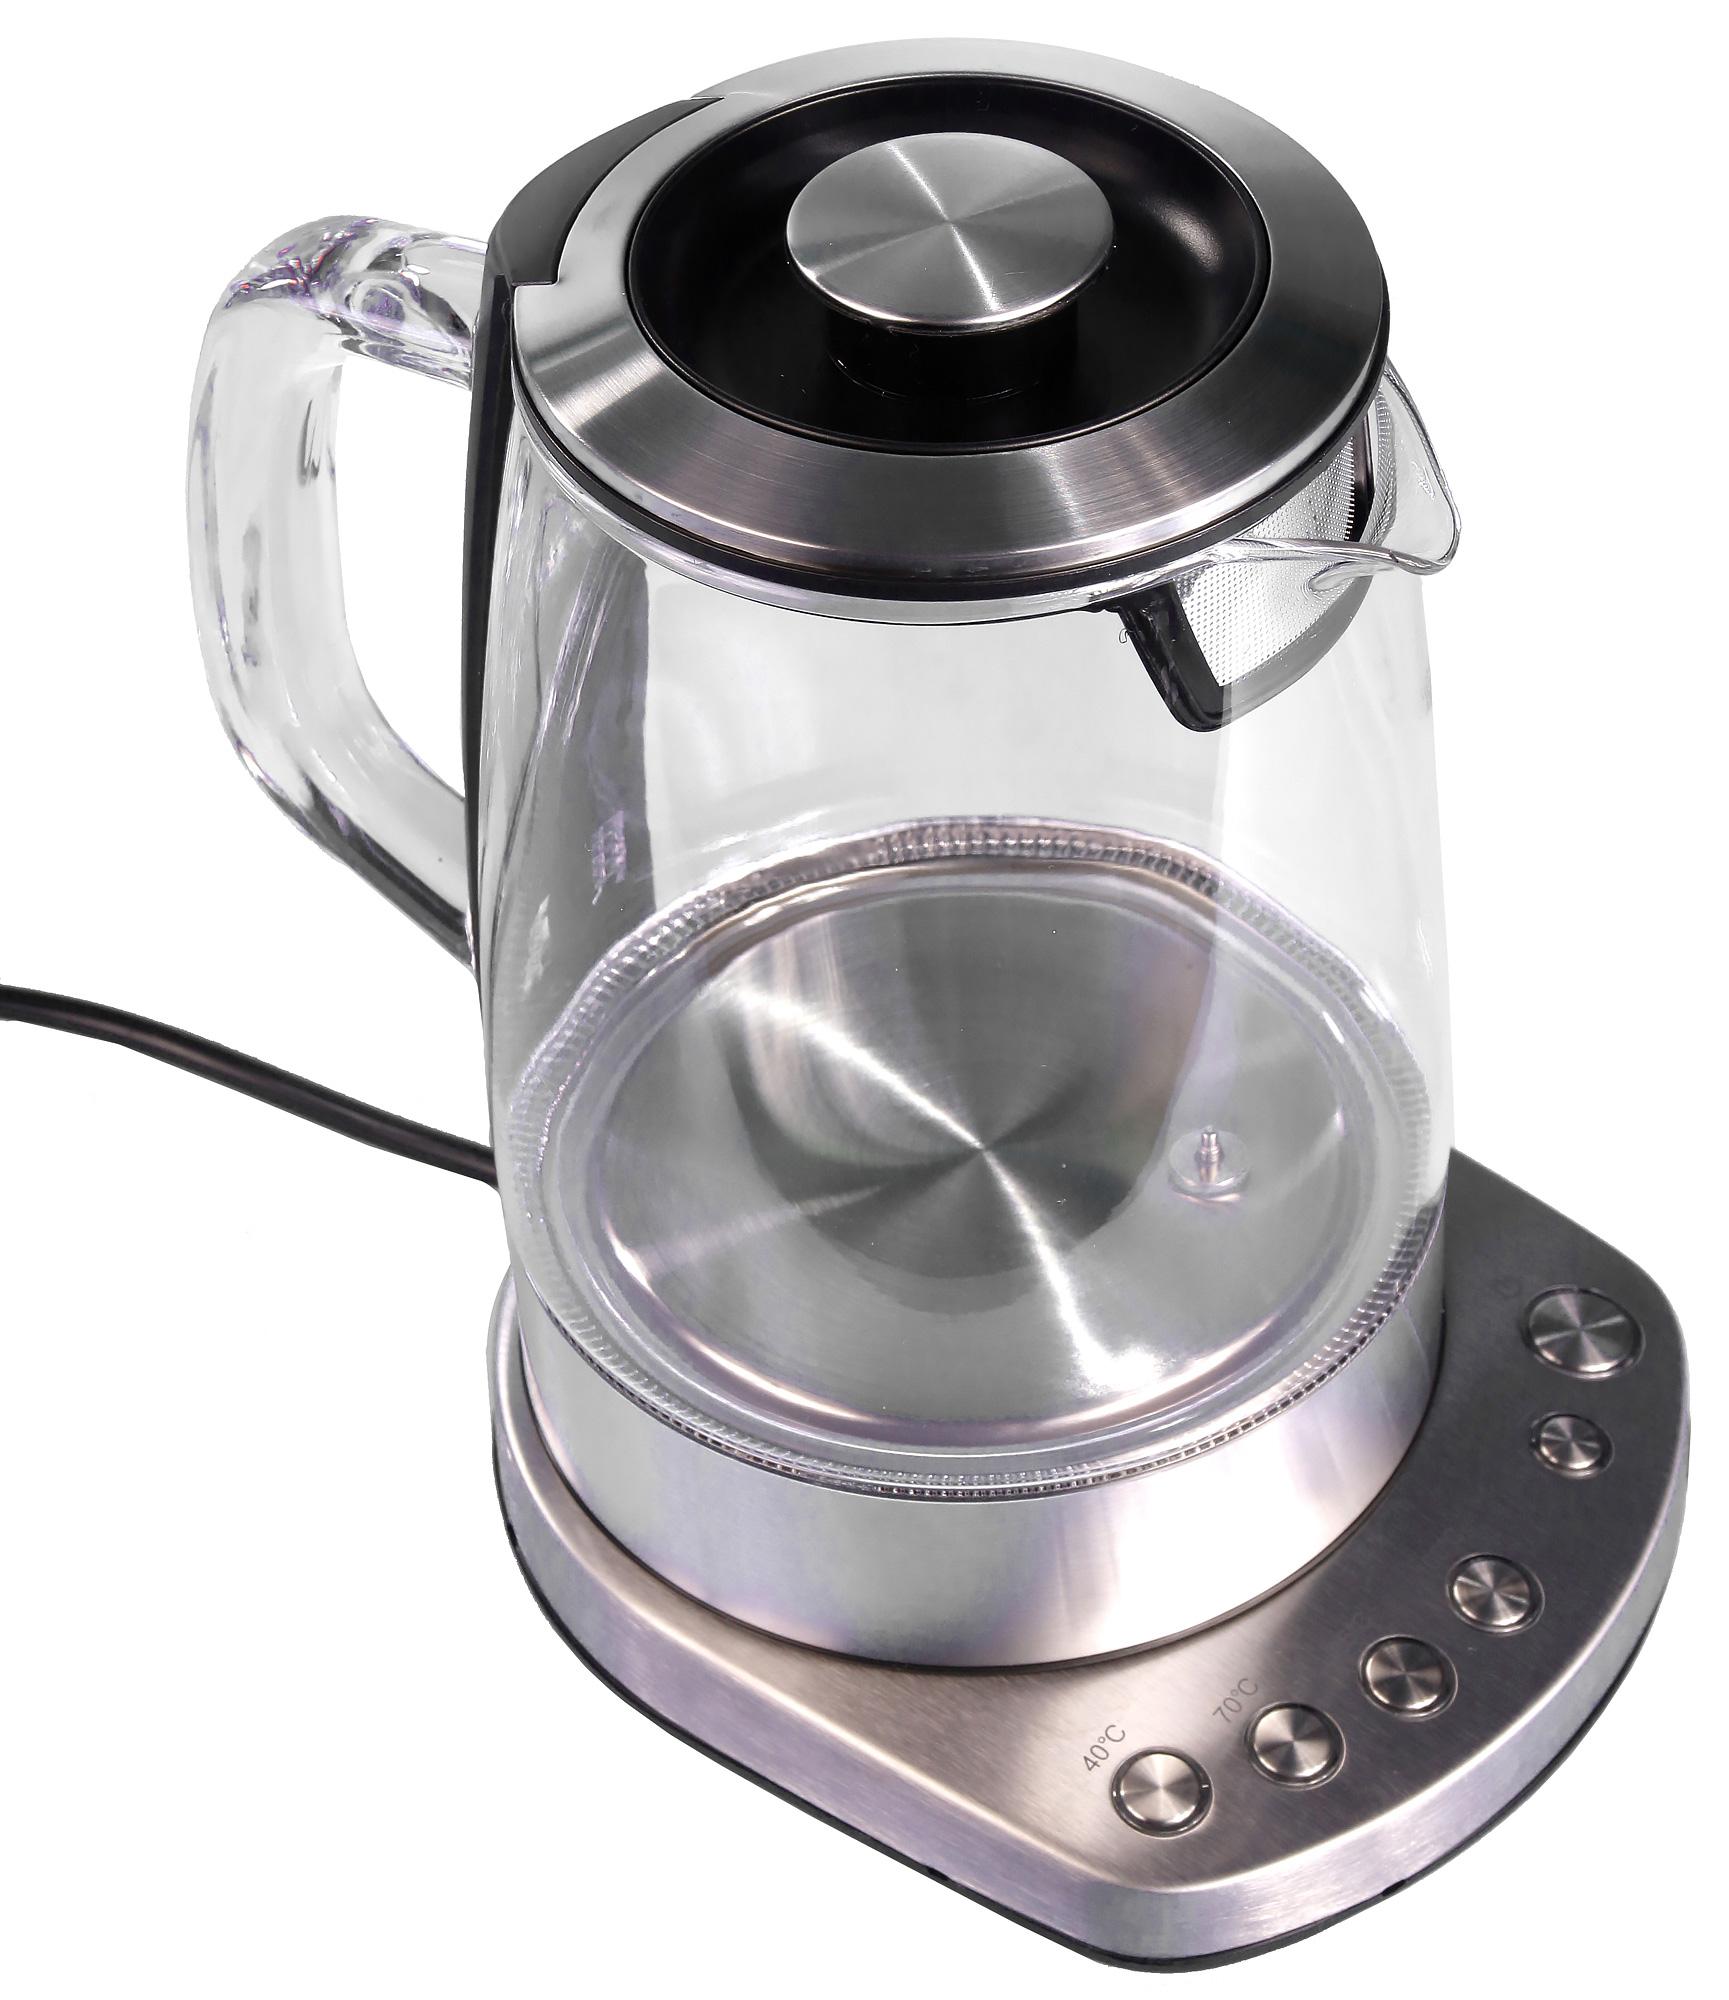 Рейтинг электрочайников-2018: лучшие чайники всех ценовых категорий